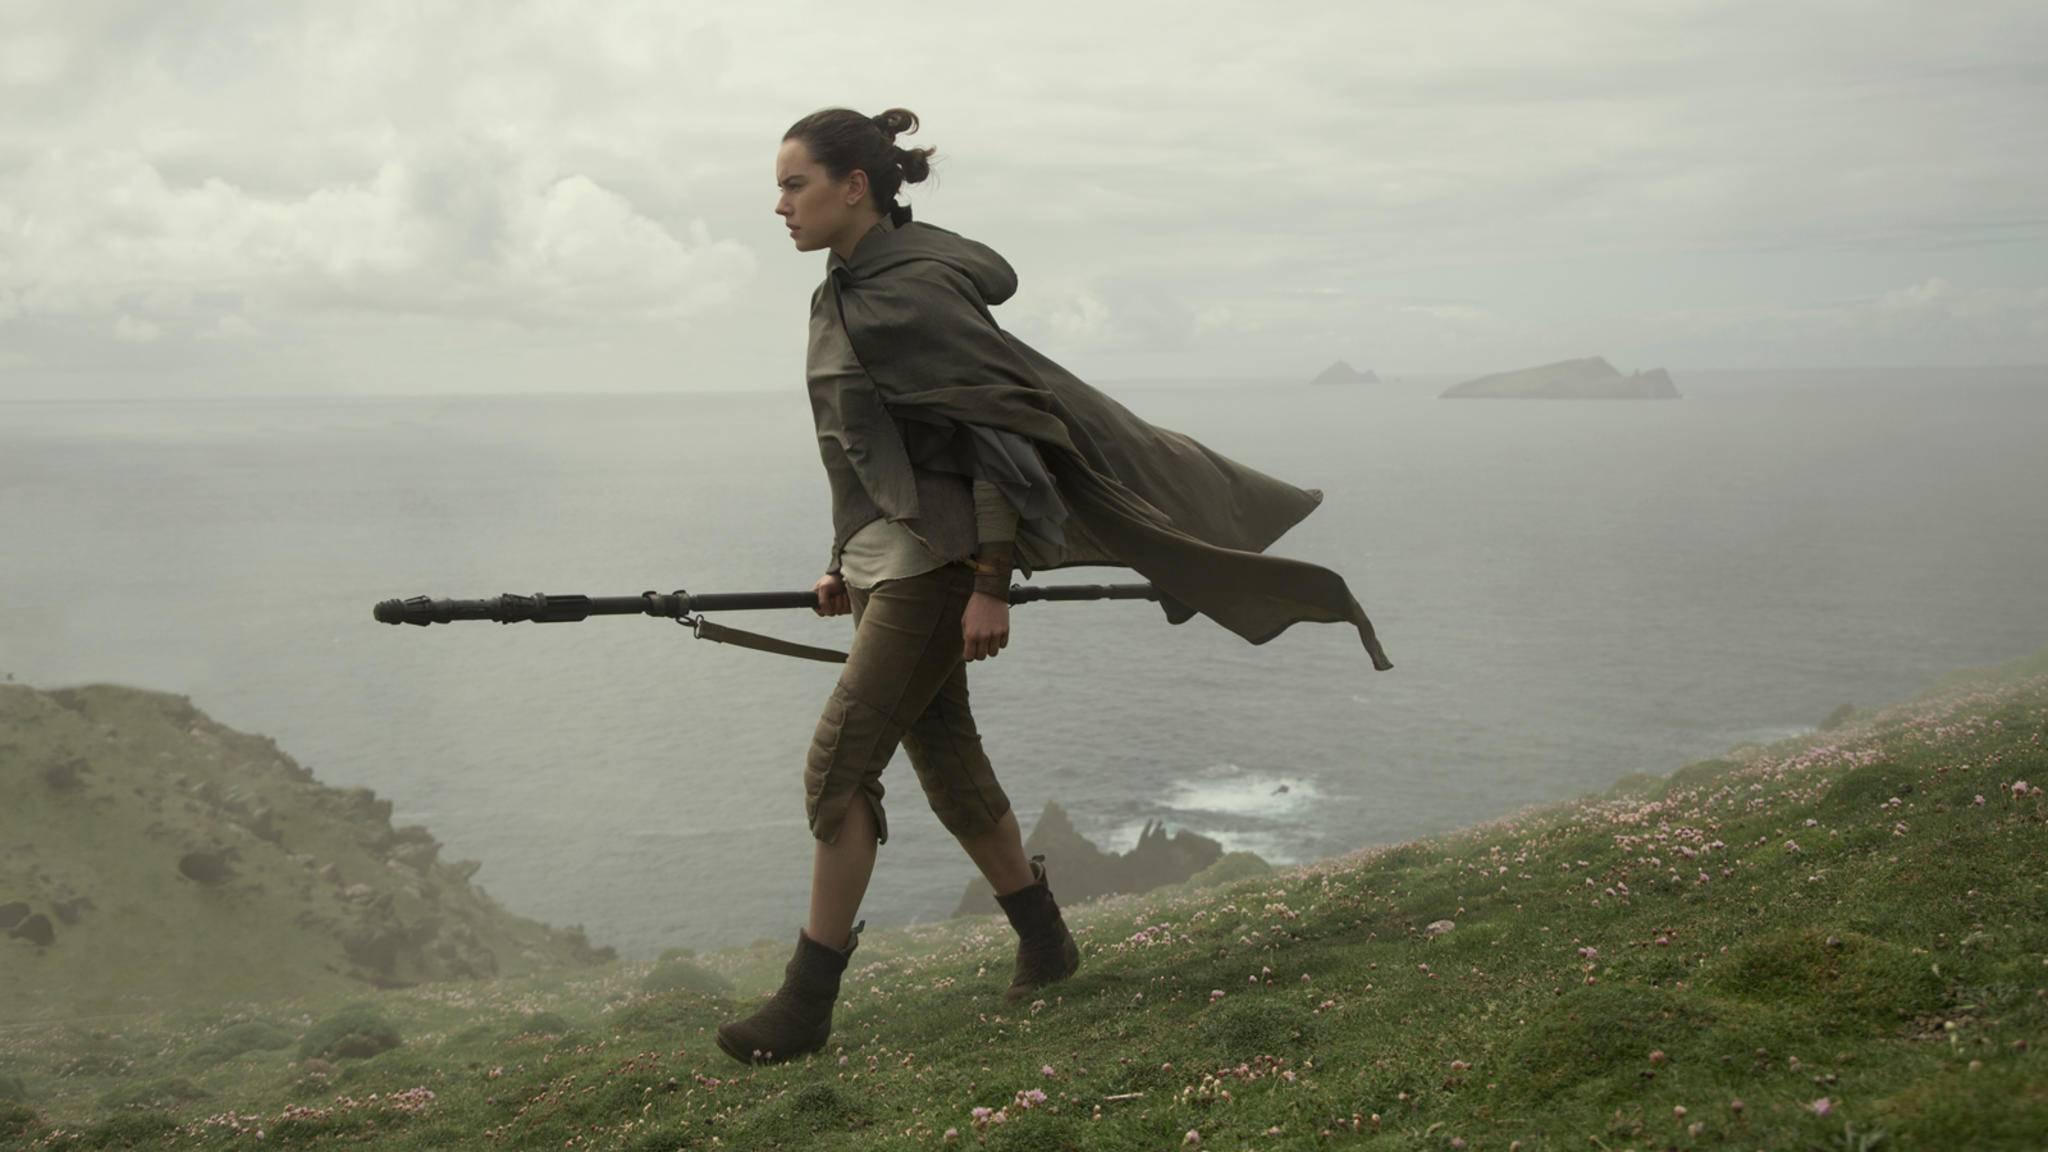 Wer sind Reys Eltern? Episode 9 soll endlich die Antwort auf diese Frage geben.